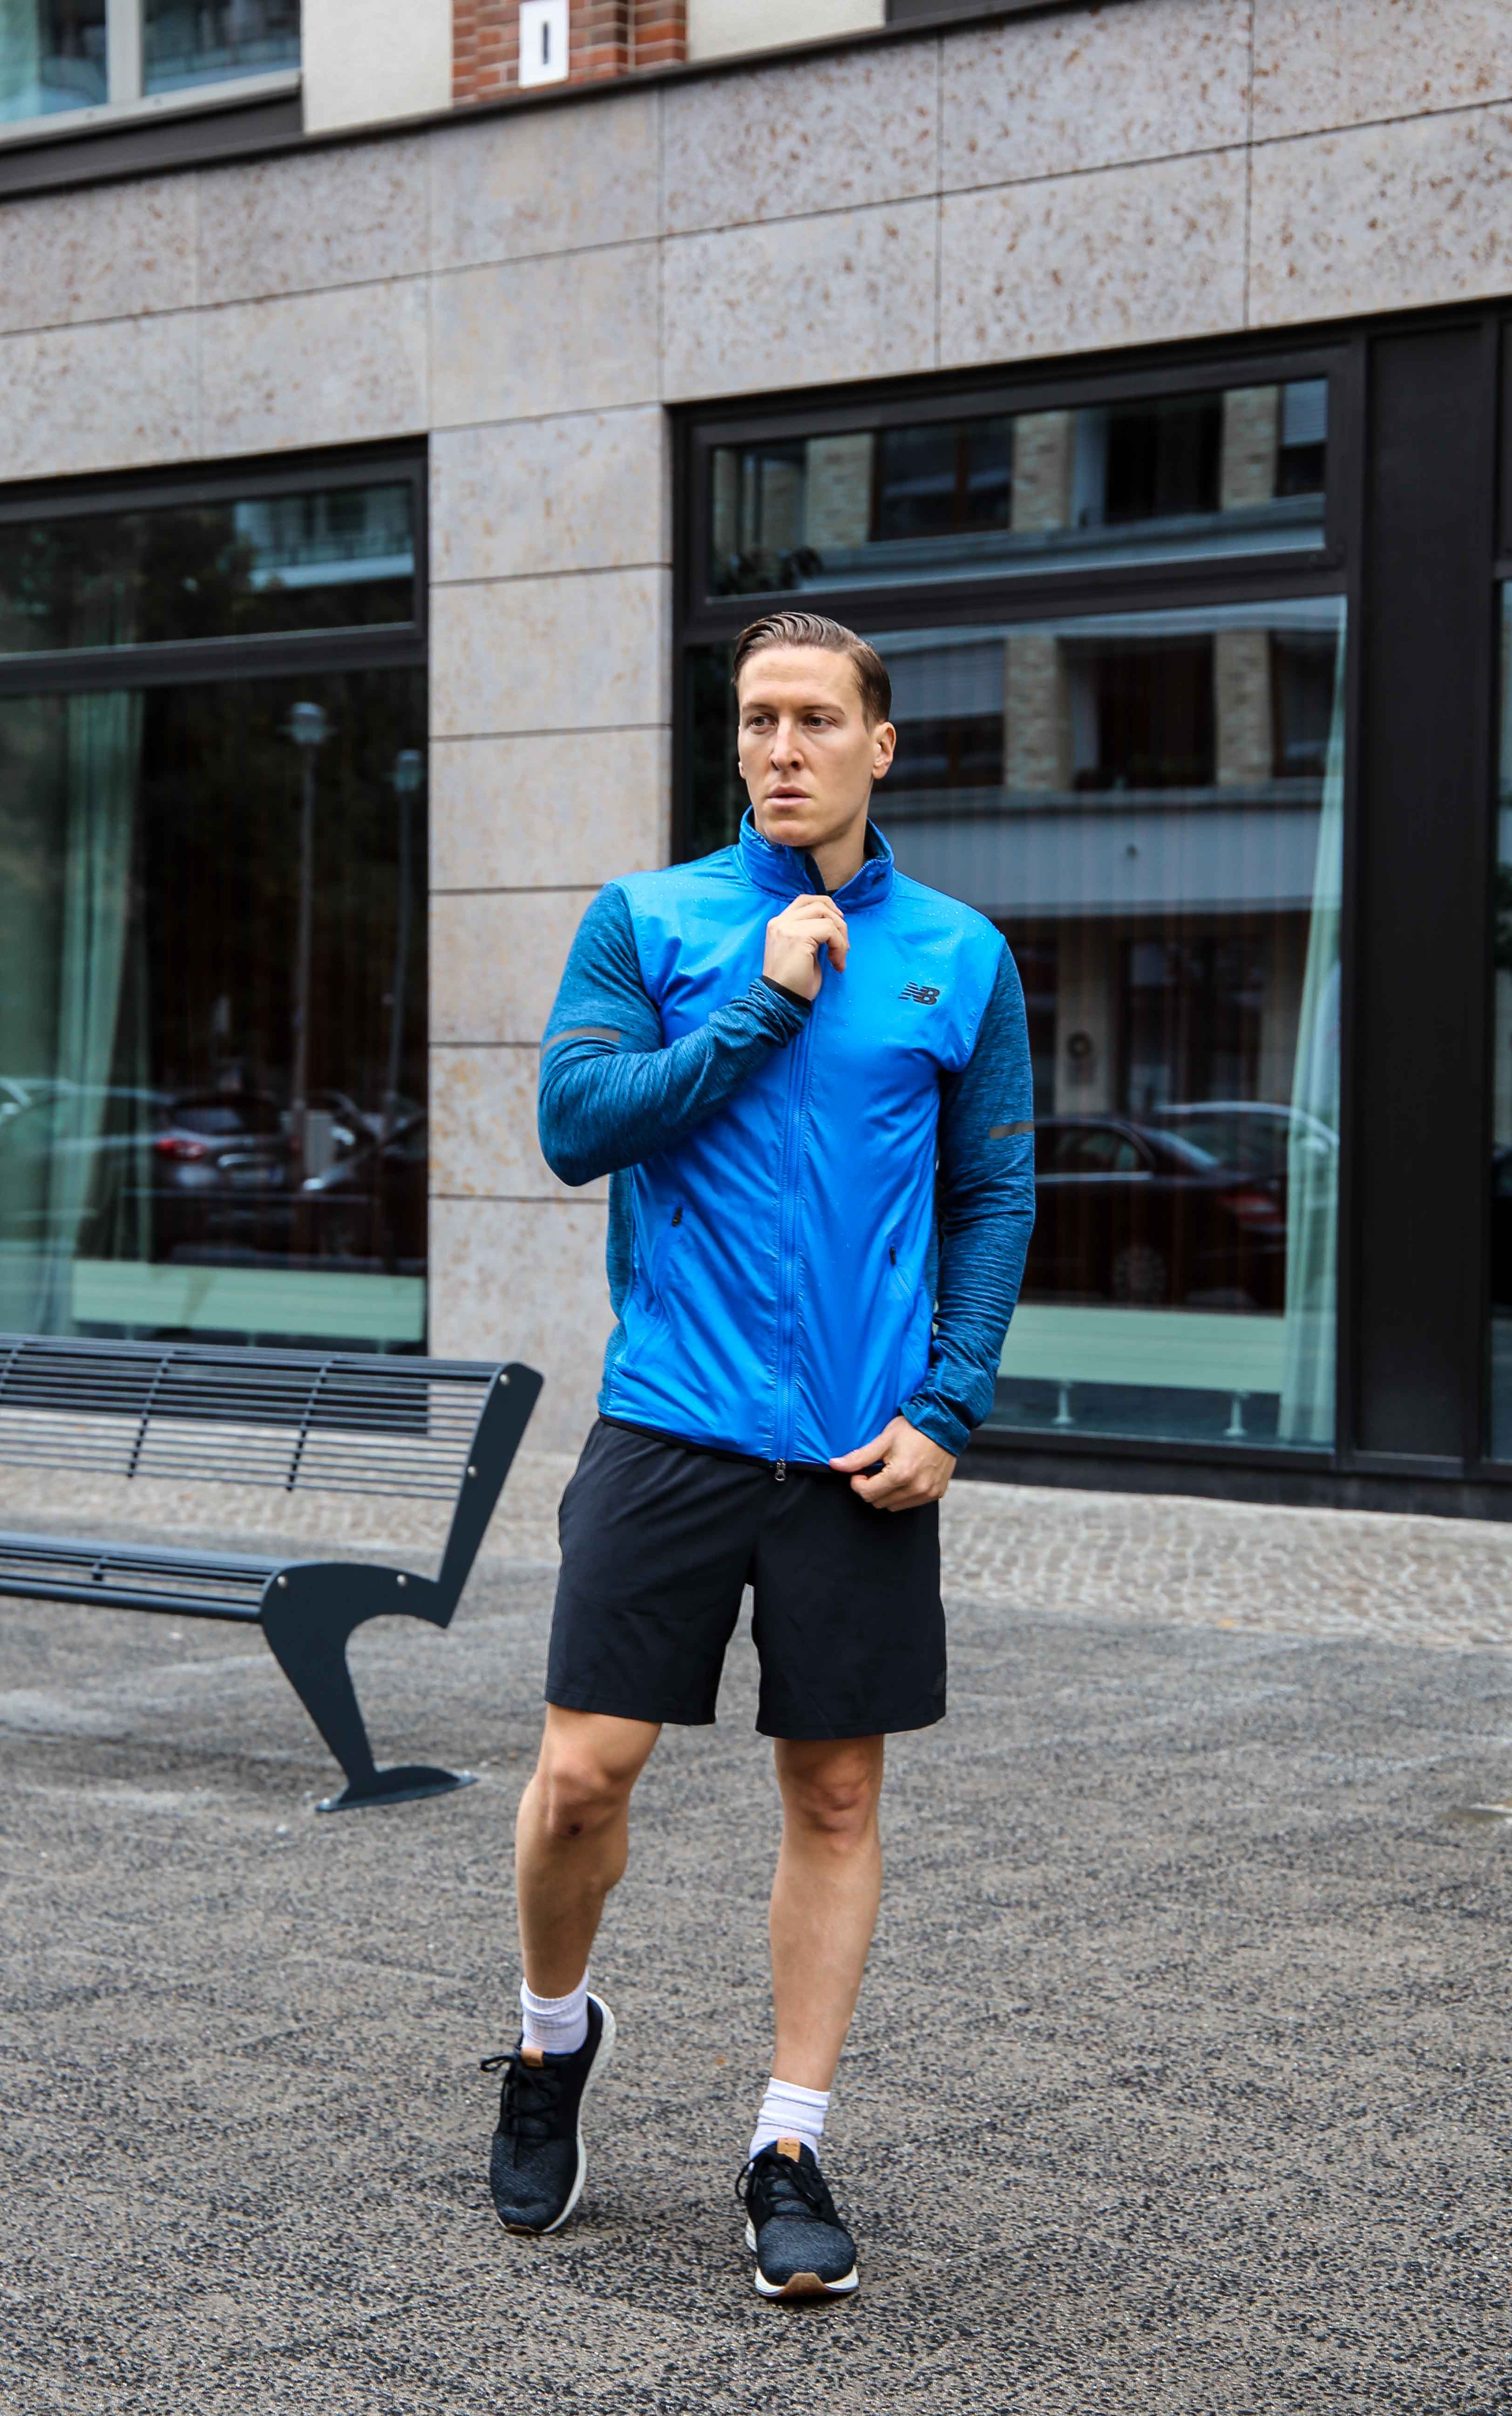 hiit-abnehmen-fettabbau-fitness-blog-sport-berlin-tipps_0255